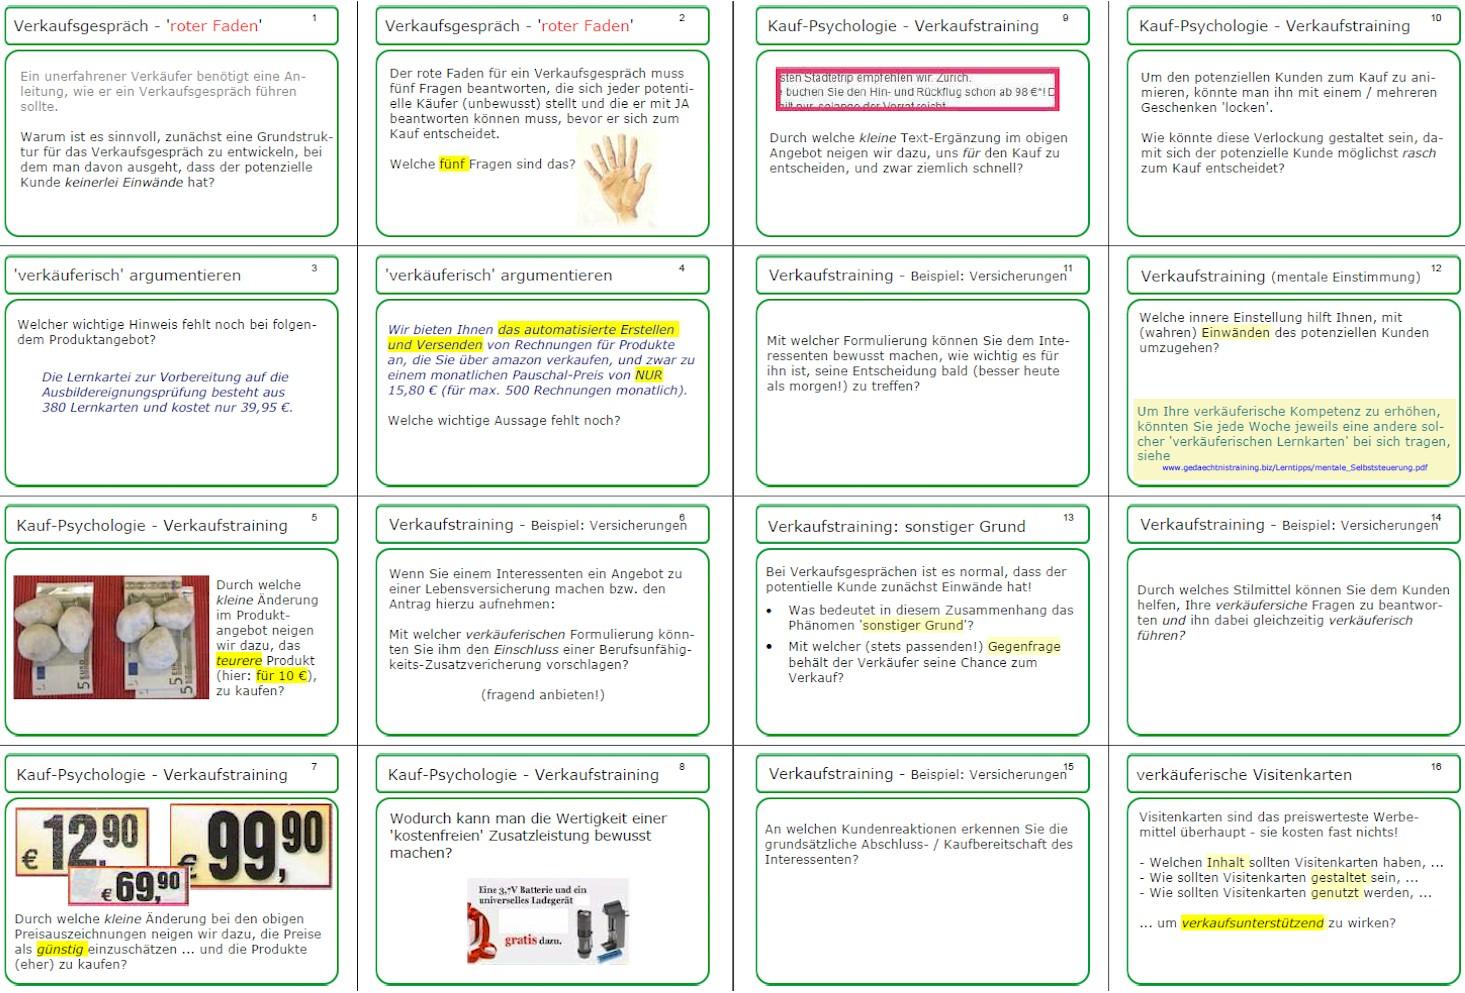 VerkaufsTraining - Fragen 1-16